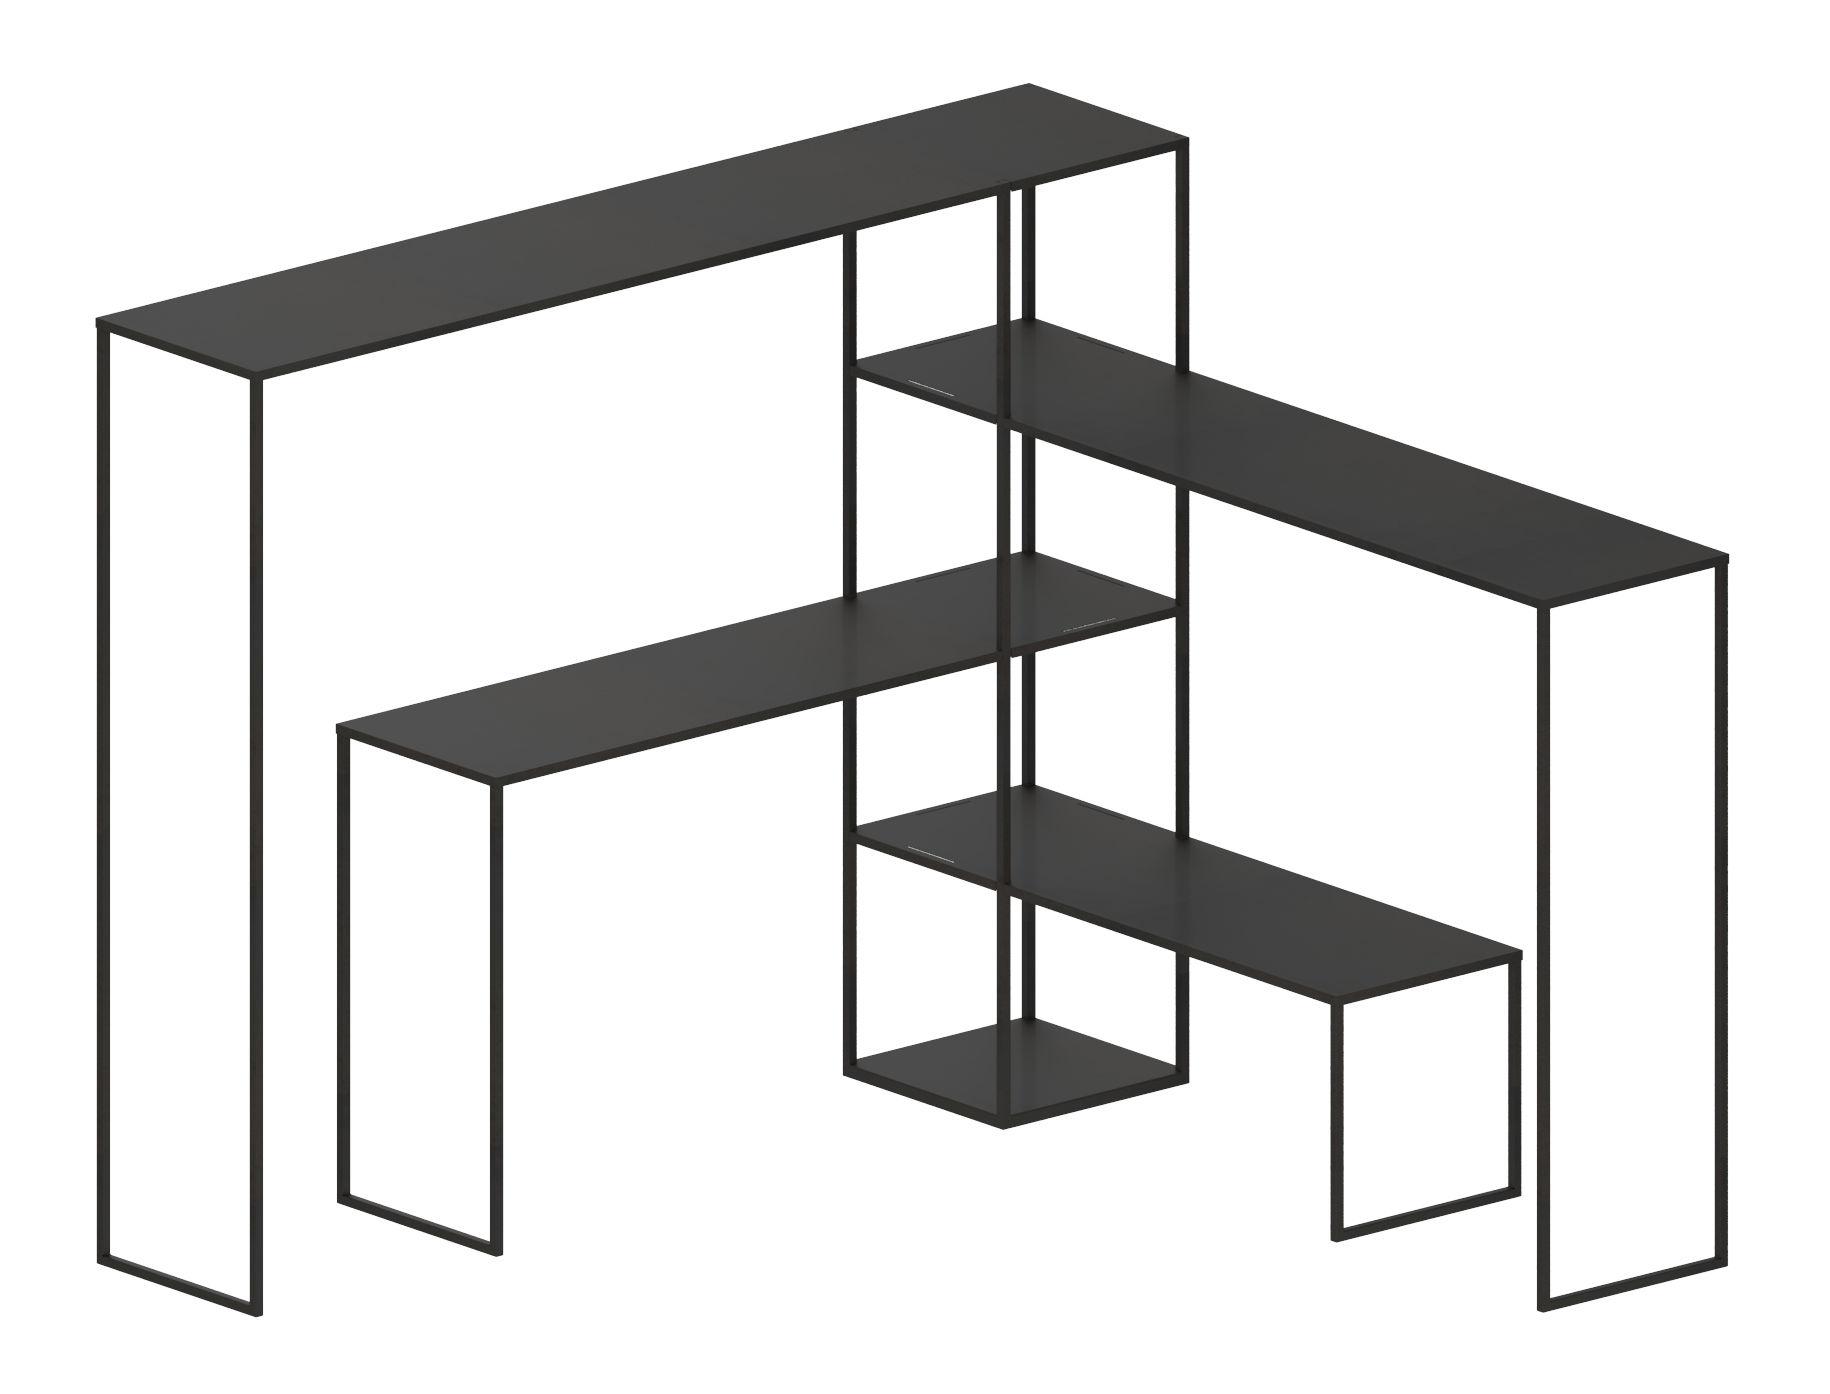 Mobilier - Etagères & bibliothèques - Etagère Easy Bridge / 4 plateaux modulables - H 141 cm - Zeus - Noir cuivré - Acier peint